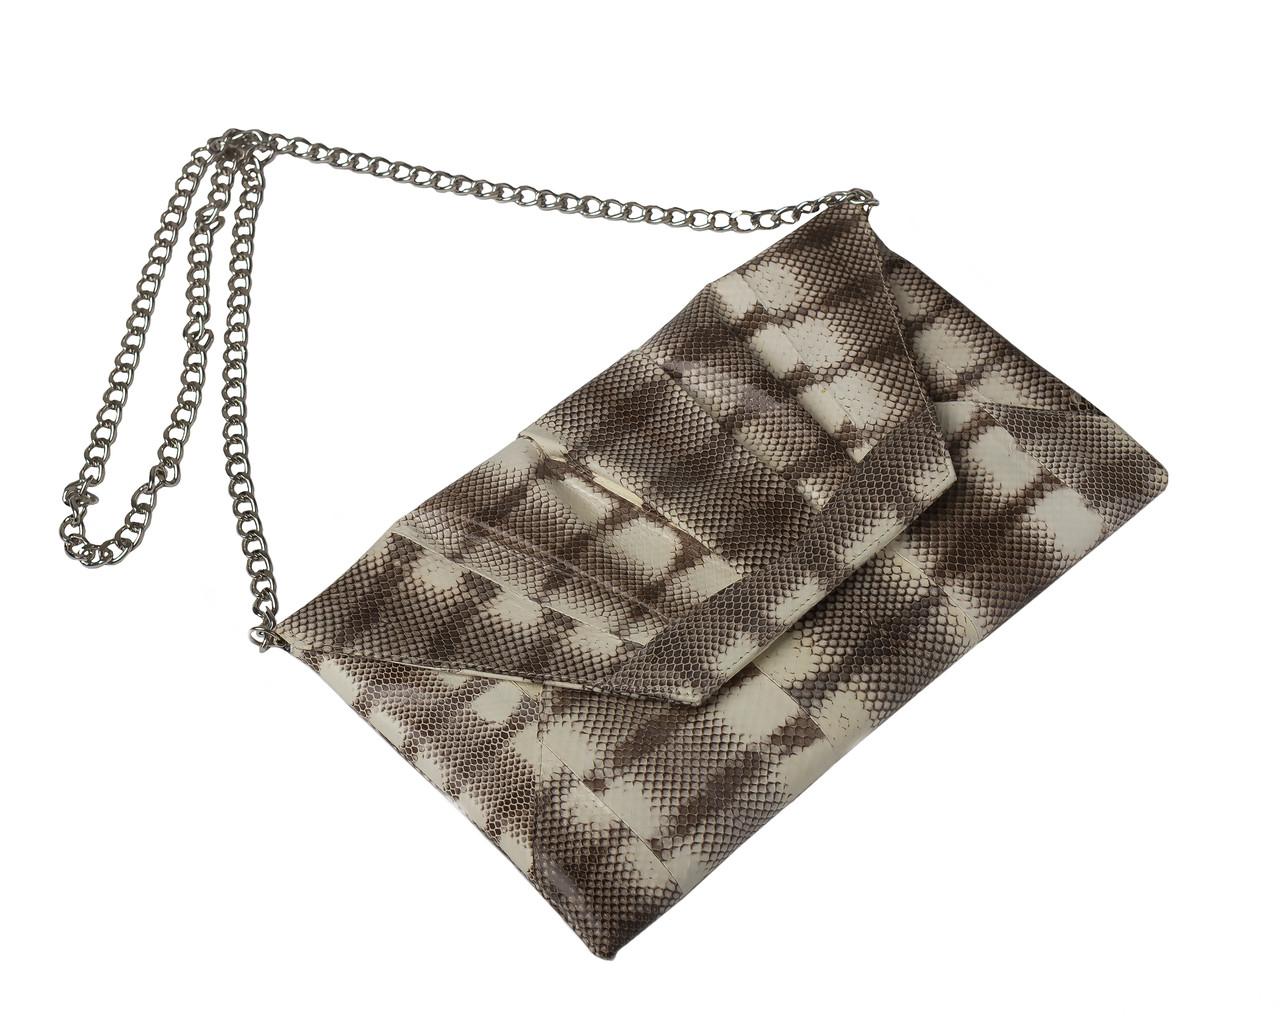 Клатч из кожи морской змеи  Ekzotic Leather Серый (snc 08_2), фото 1